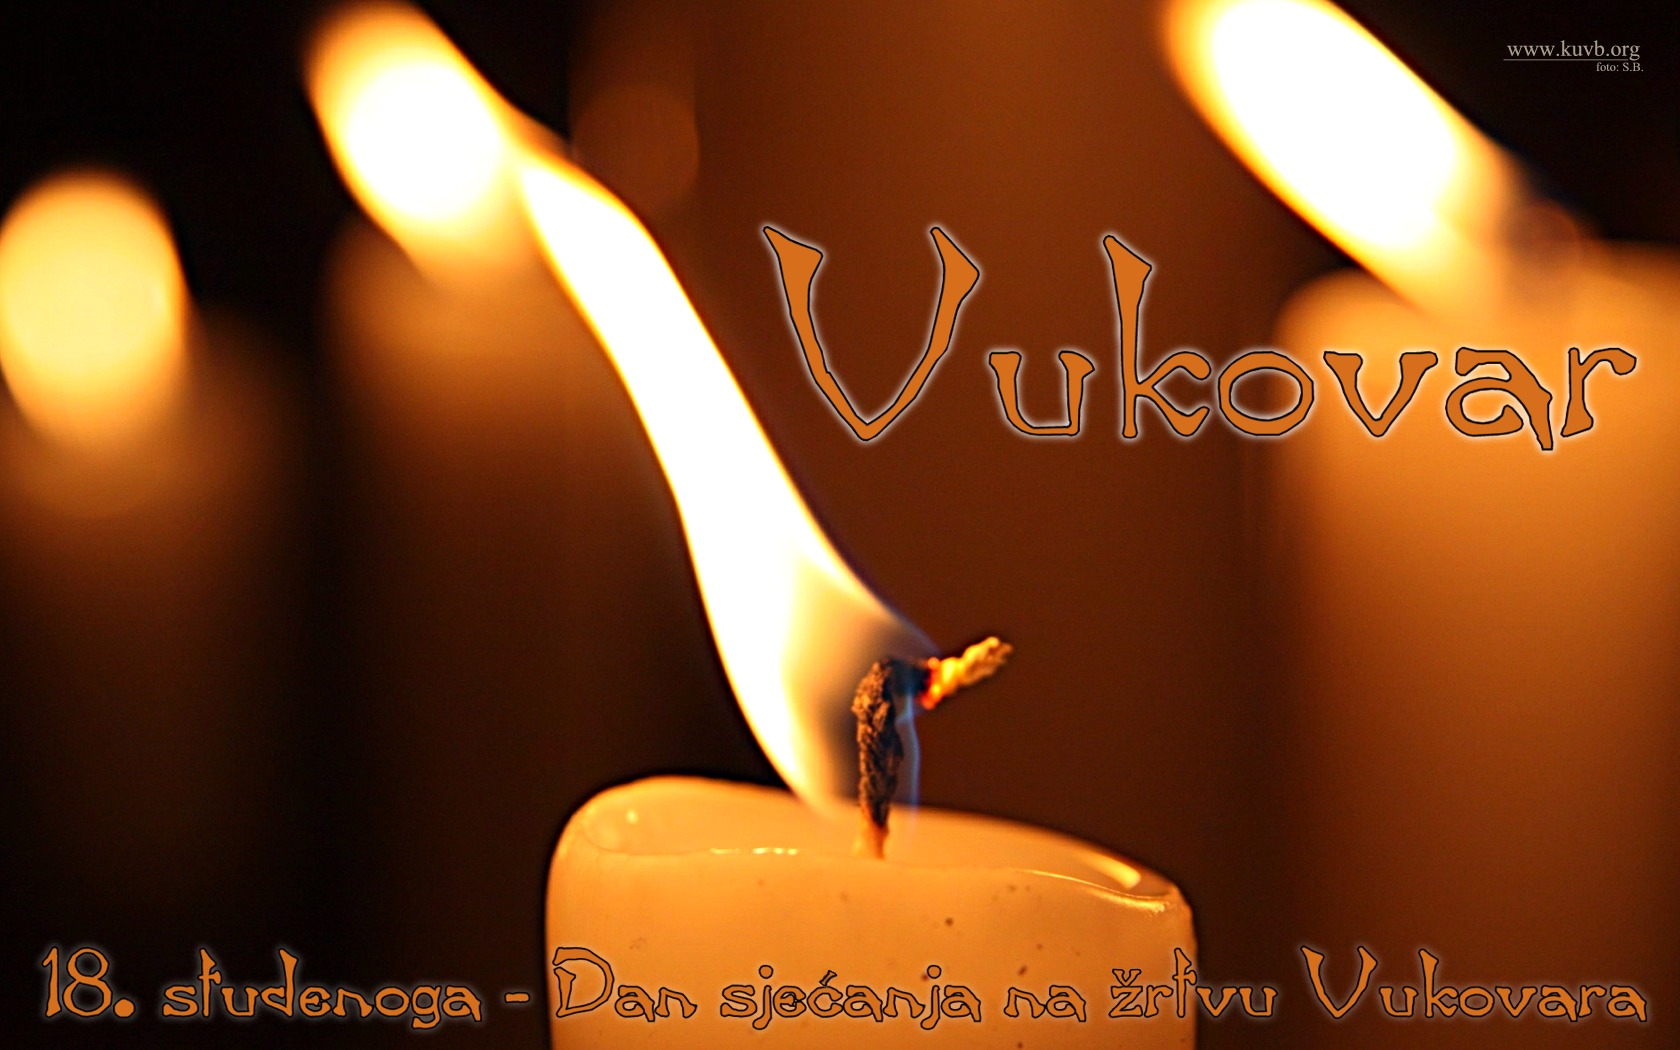 http://www.novigrad.hr/nella_giornata_del_ricordo_di_vukovar_e_organizzata_la_visita_a_questa_citt